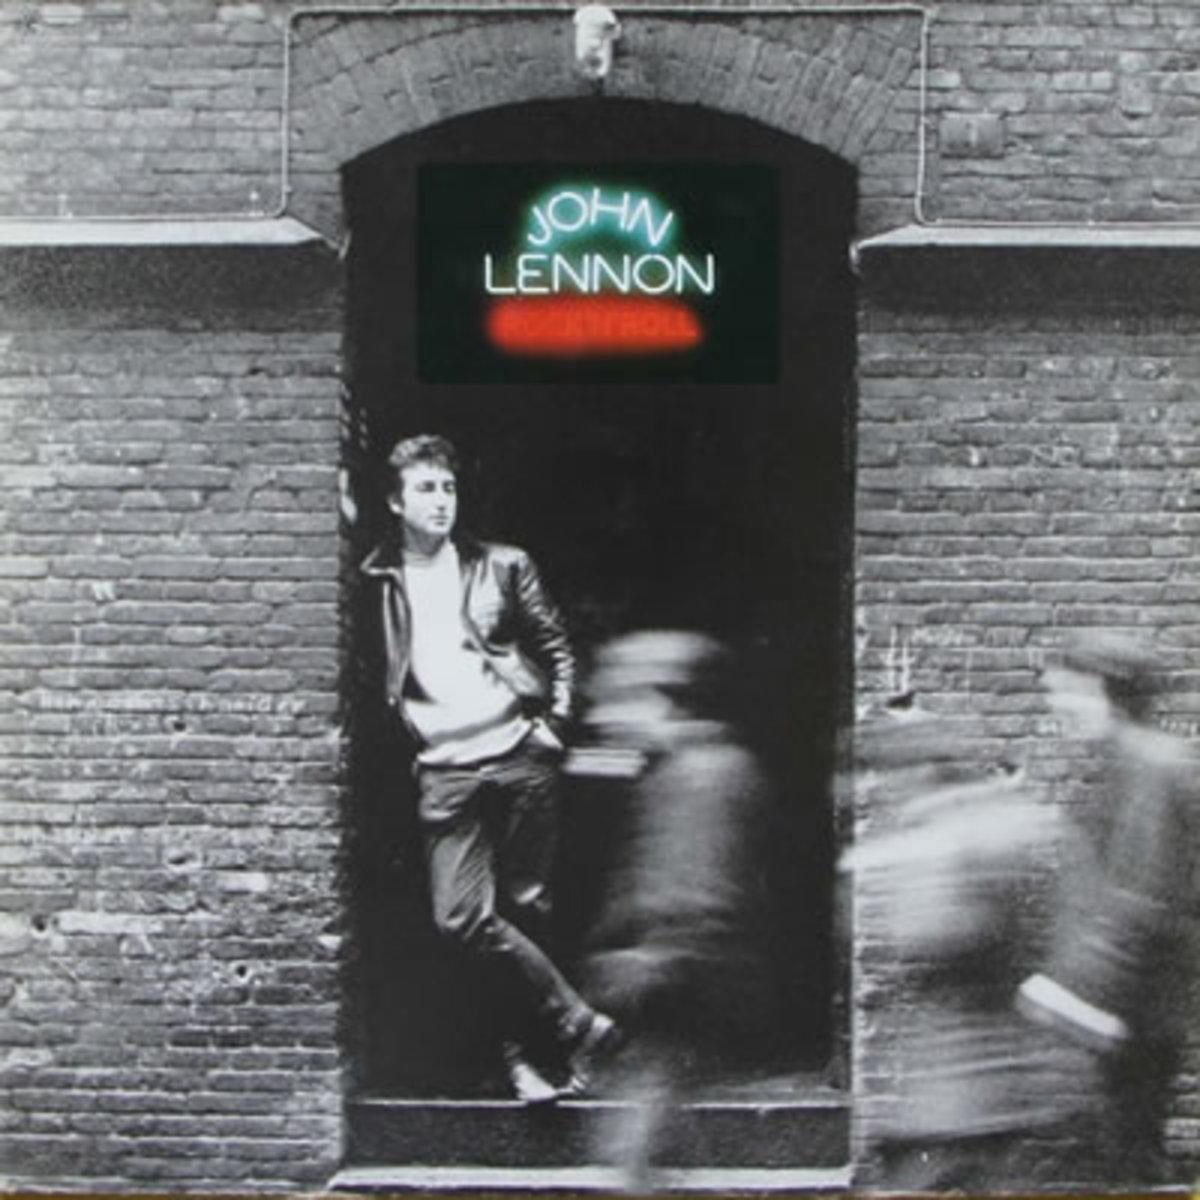 john-lennons-rock-n-roll-album-is-wonderful-nostalgia